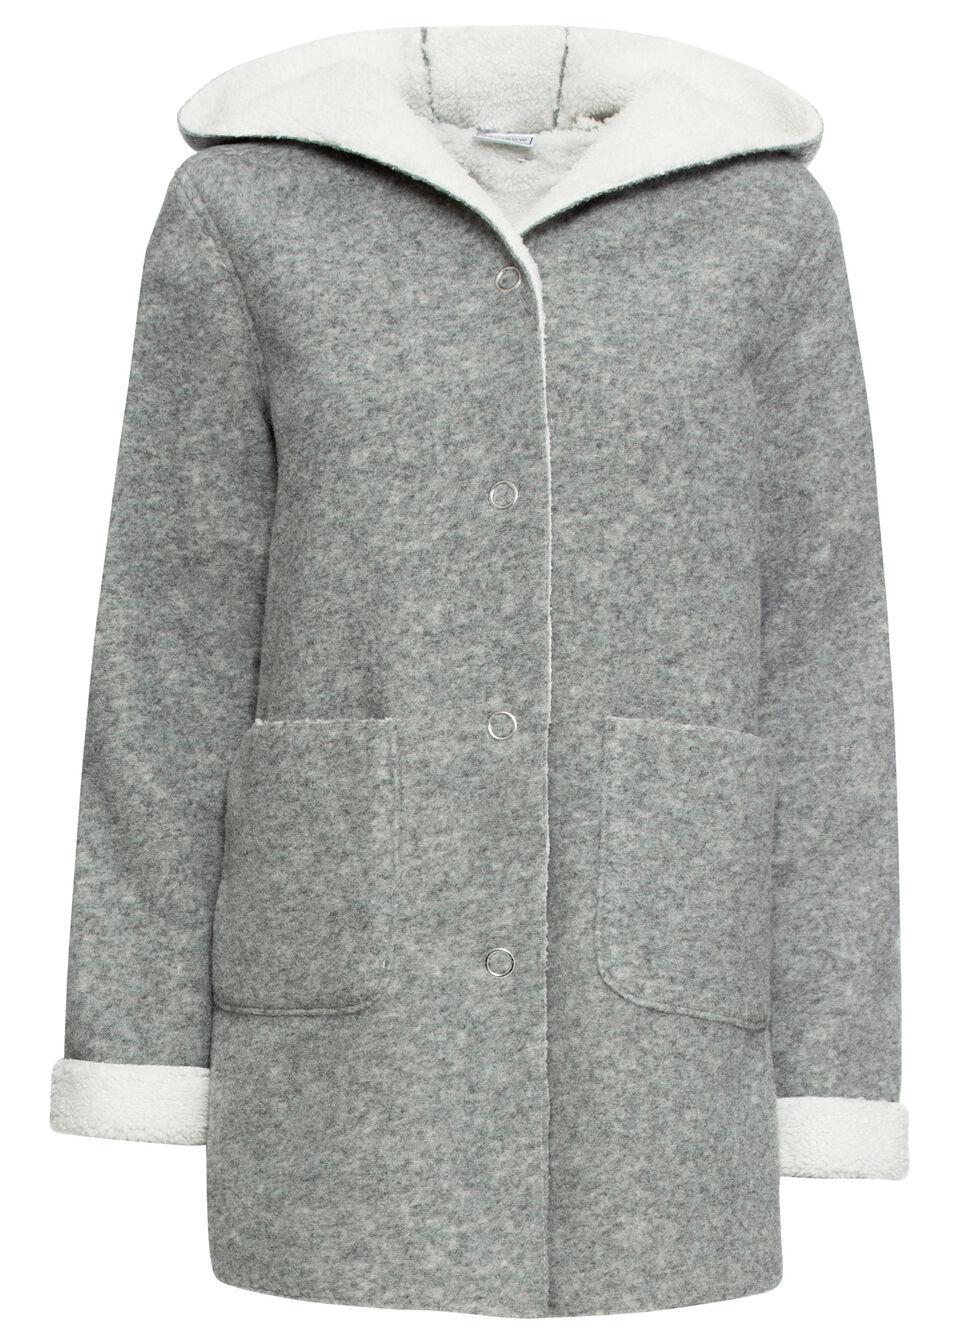 Krótki płaszcz na podszewce baranku, długi rękaw bonprix szary melanż - biel wełny